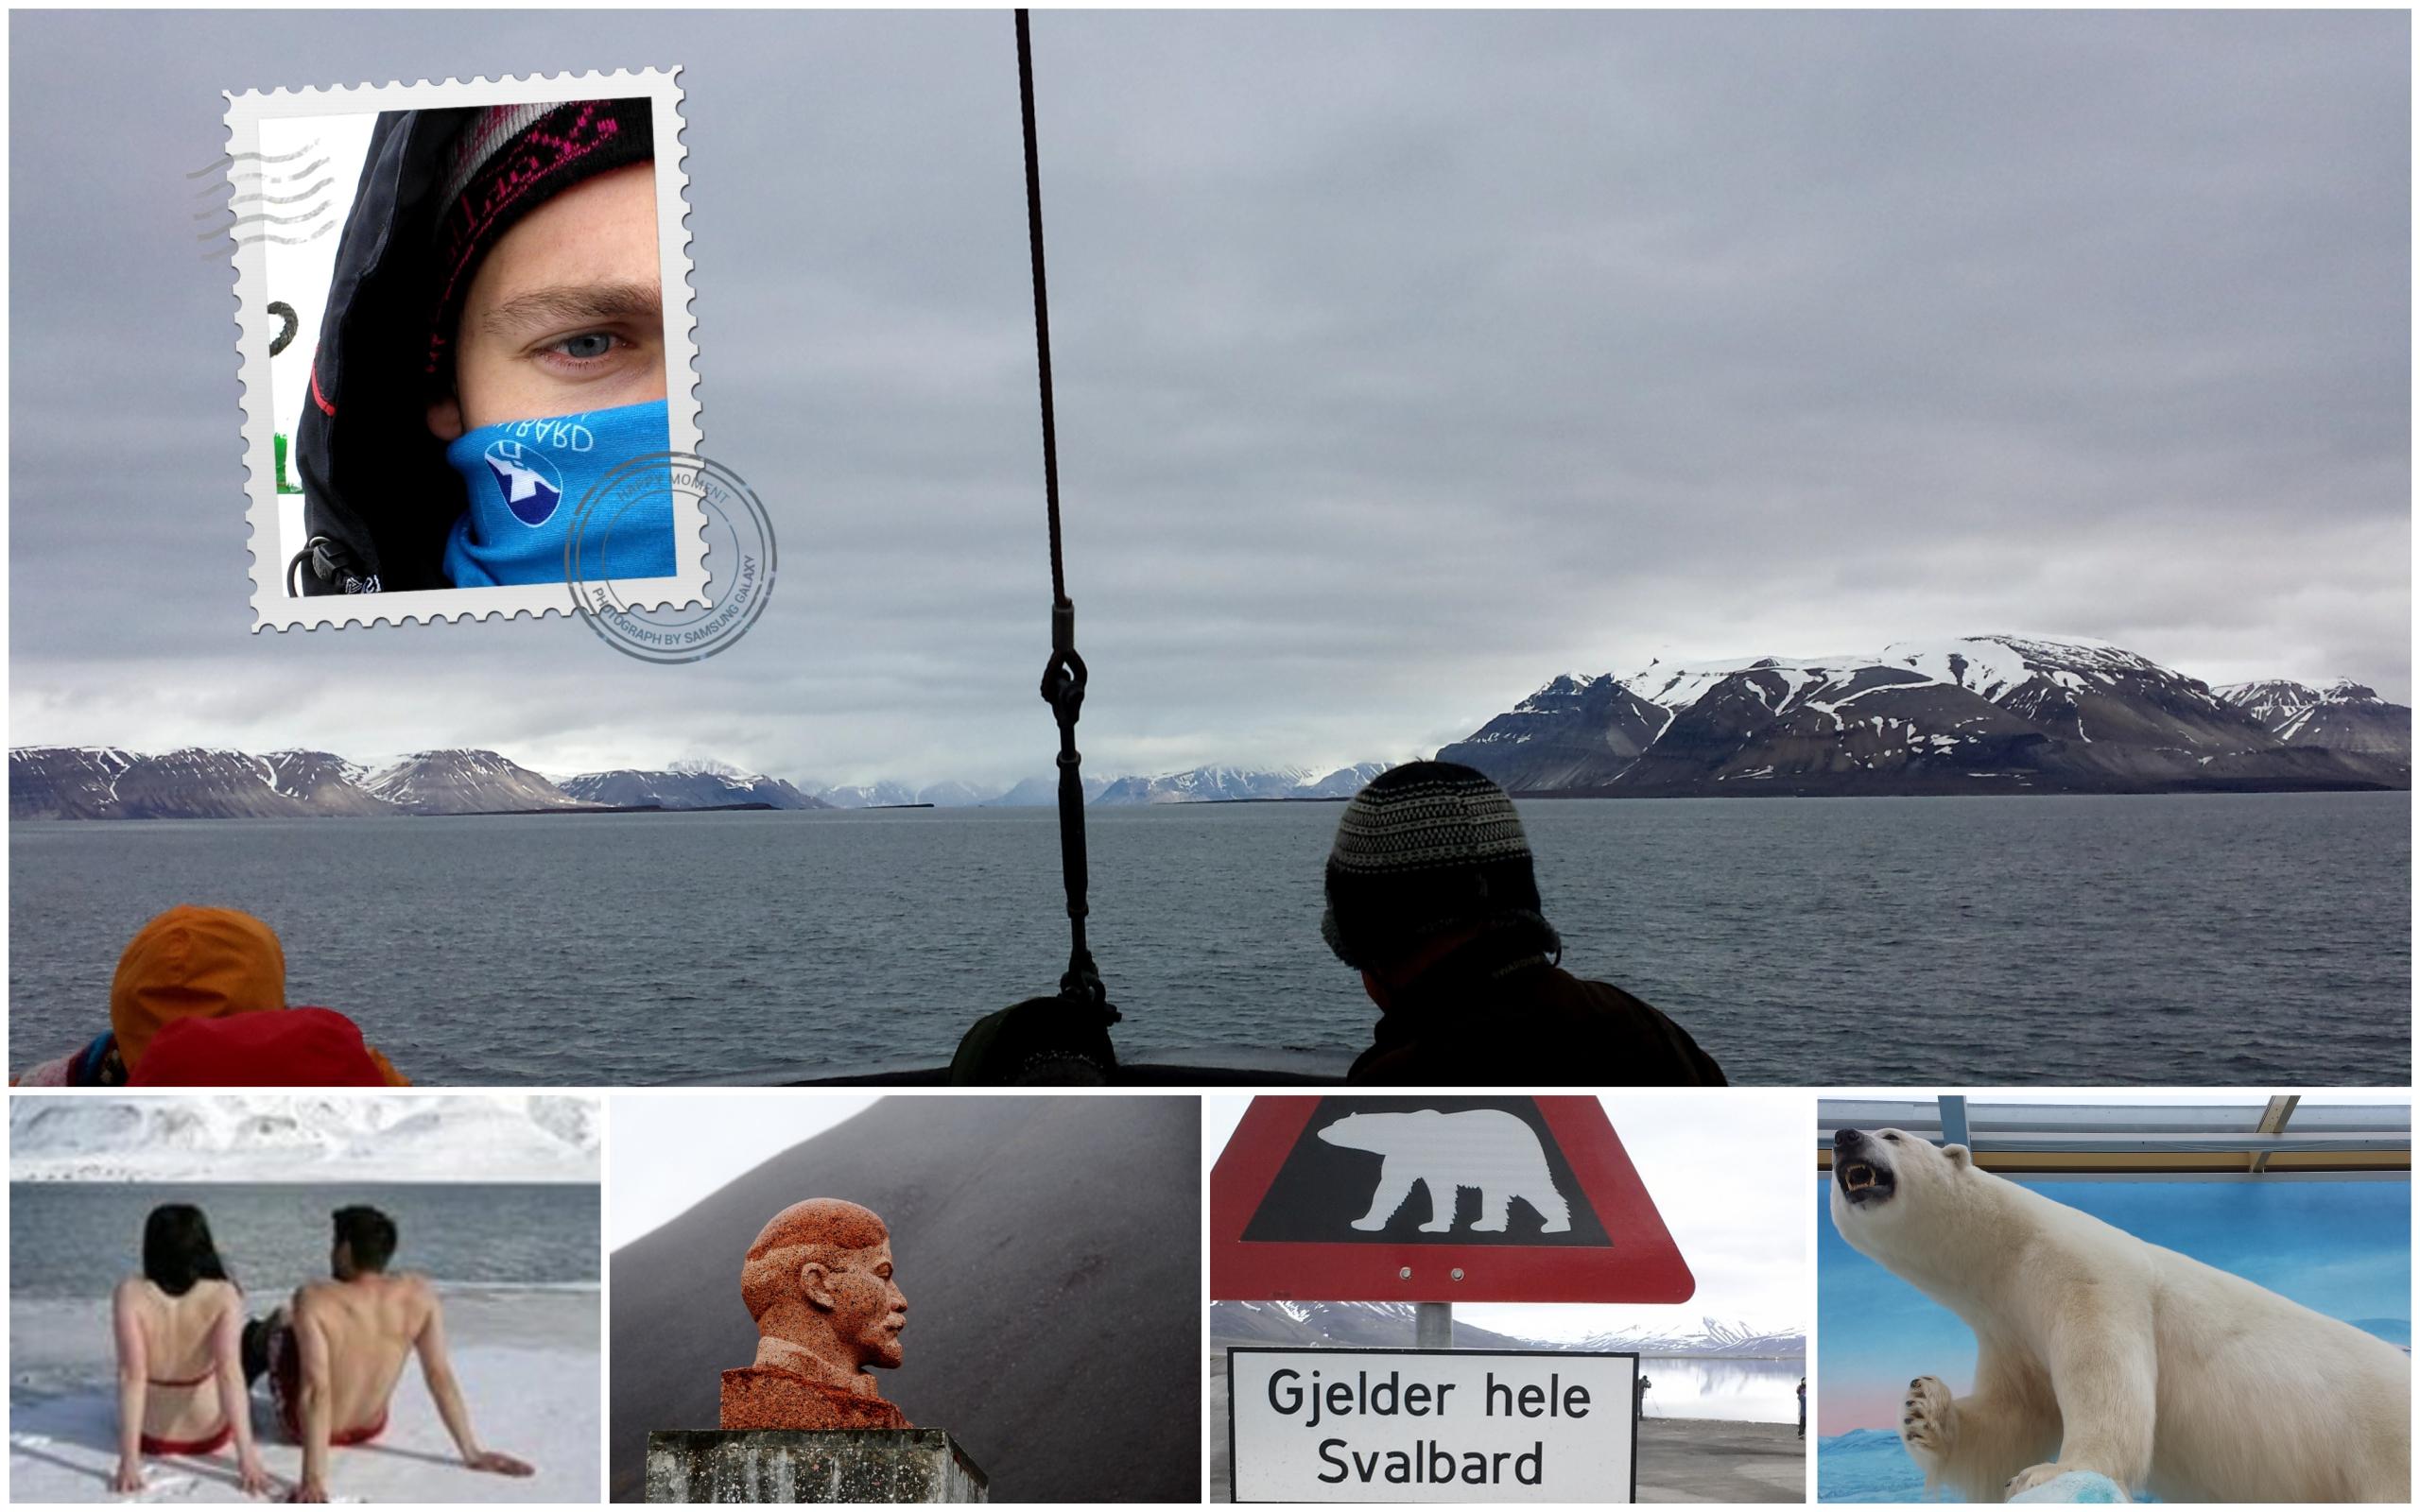 19.01.22 na-keachka-ot-severniya-poljus-Svalbard